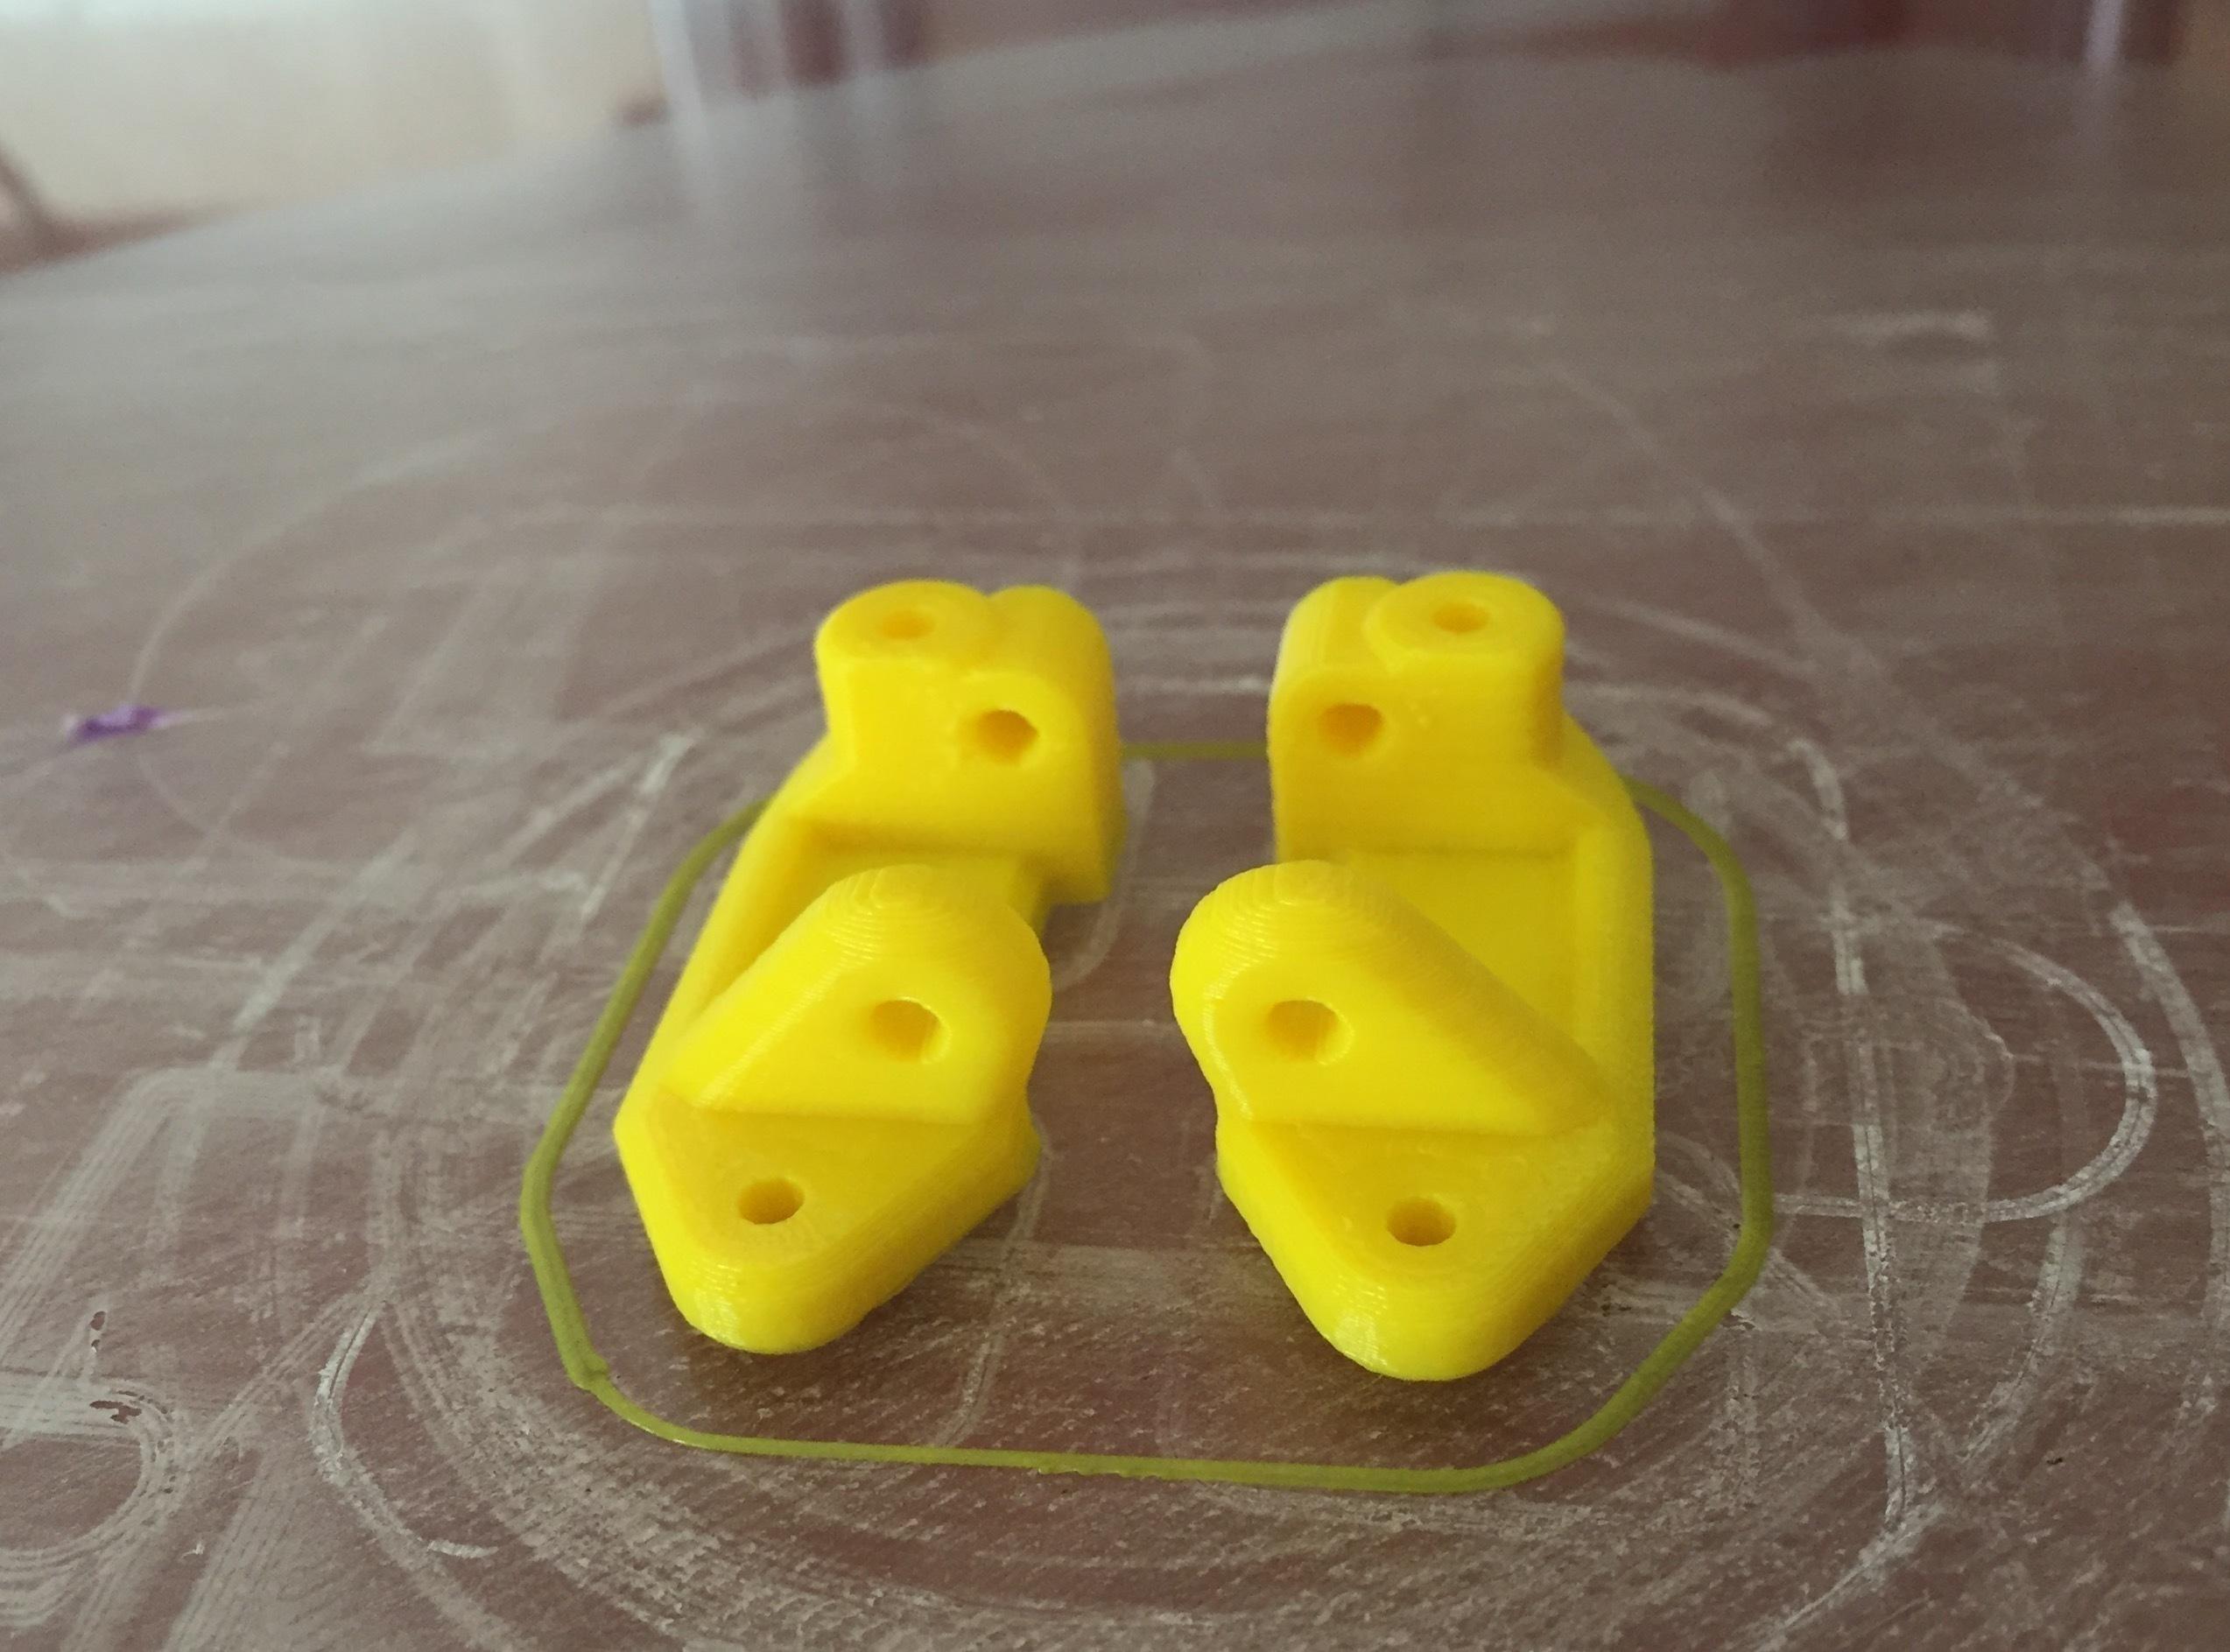 3D Printed Traxxas Slash/Bandit/Rustler 2WD Parts by Adam